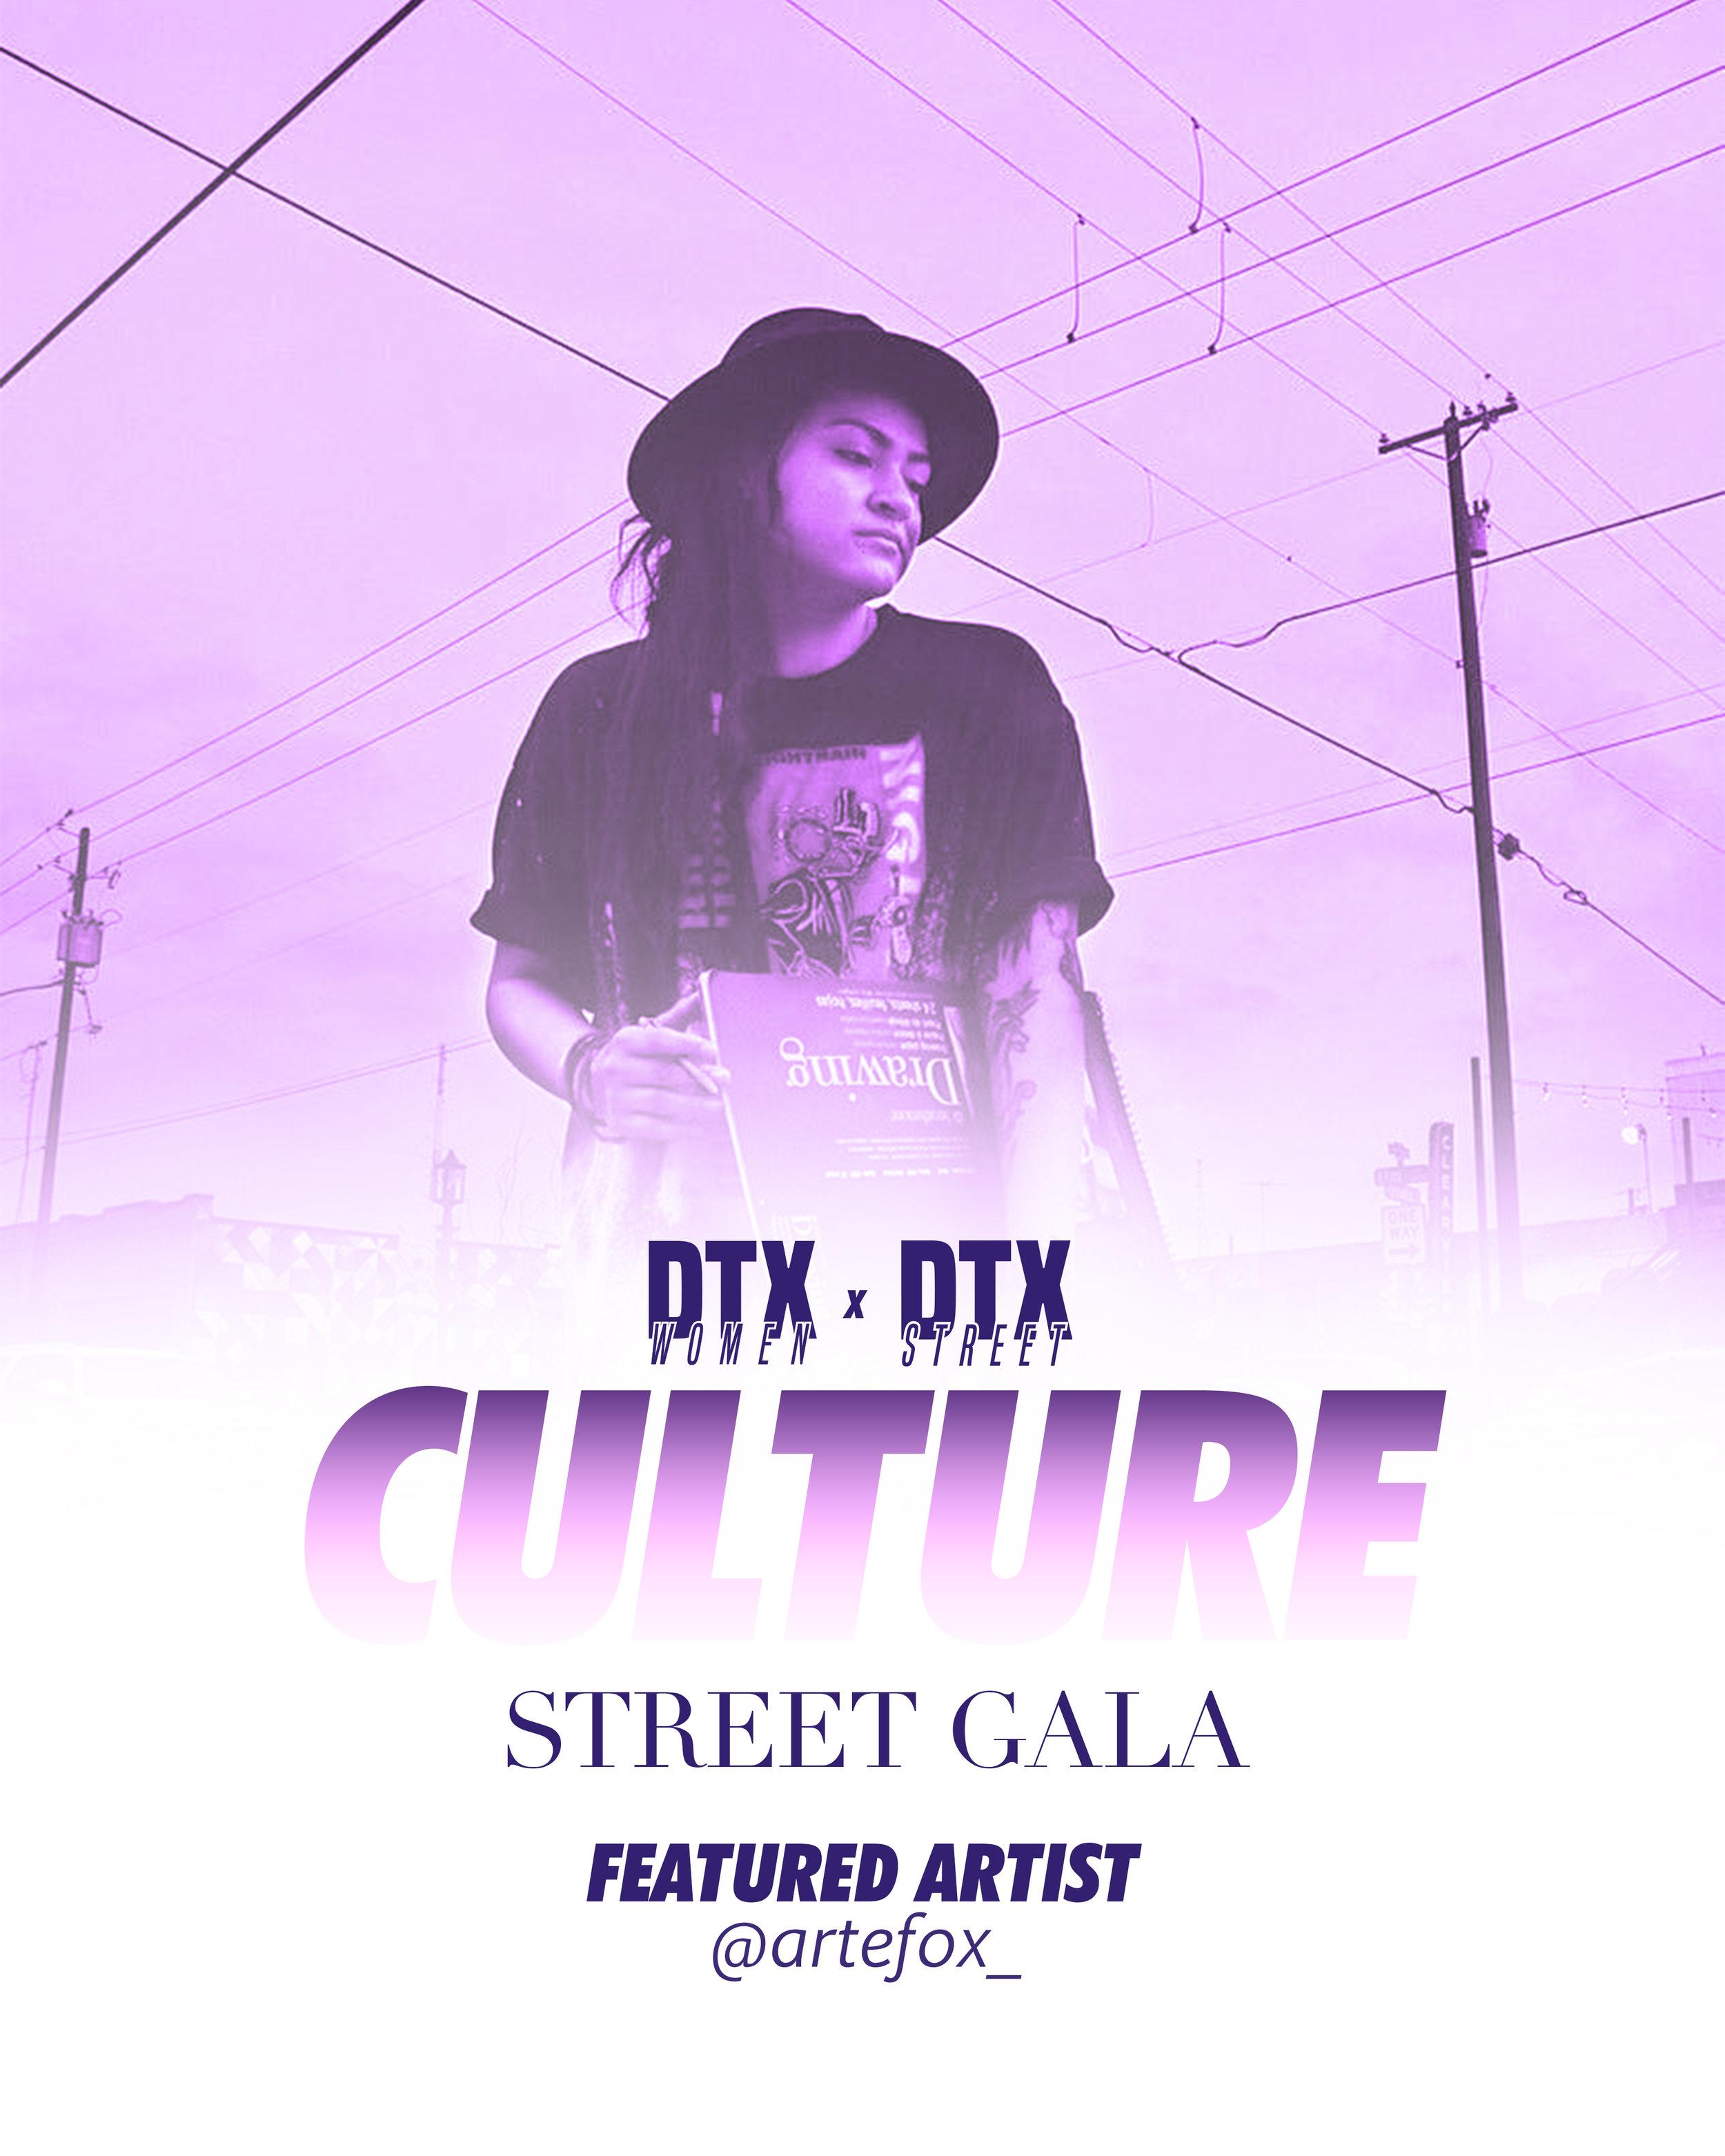 CULTRE_STREET_GALA_ARTEFOX.JPG